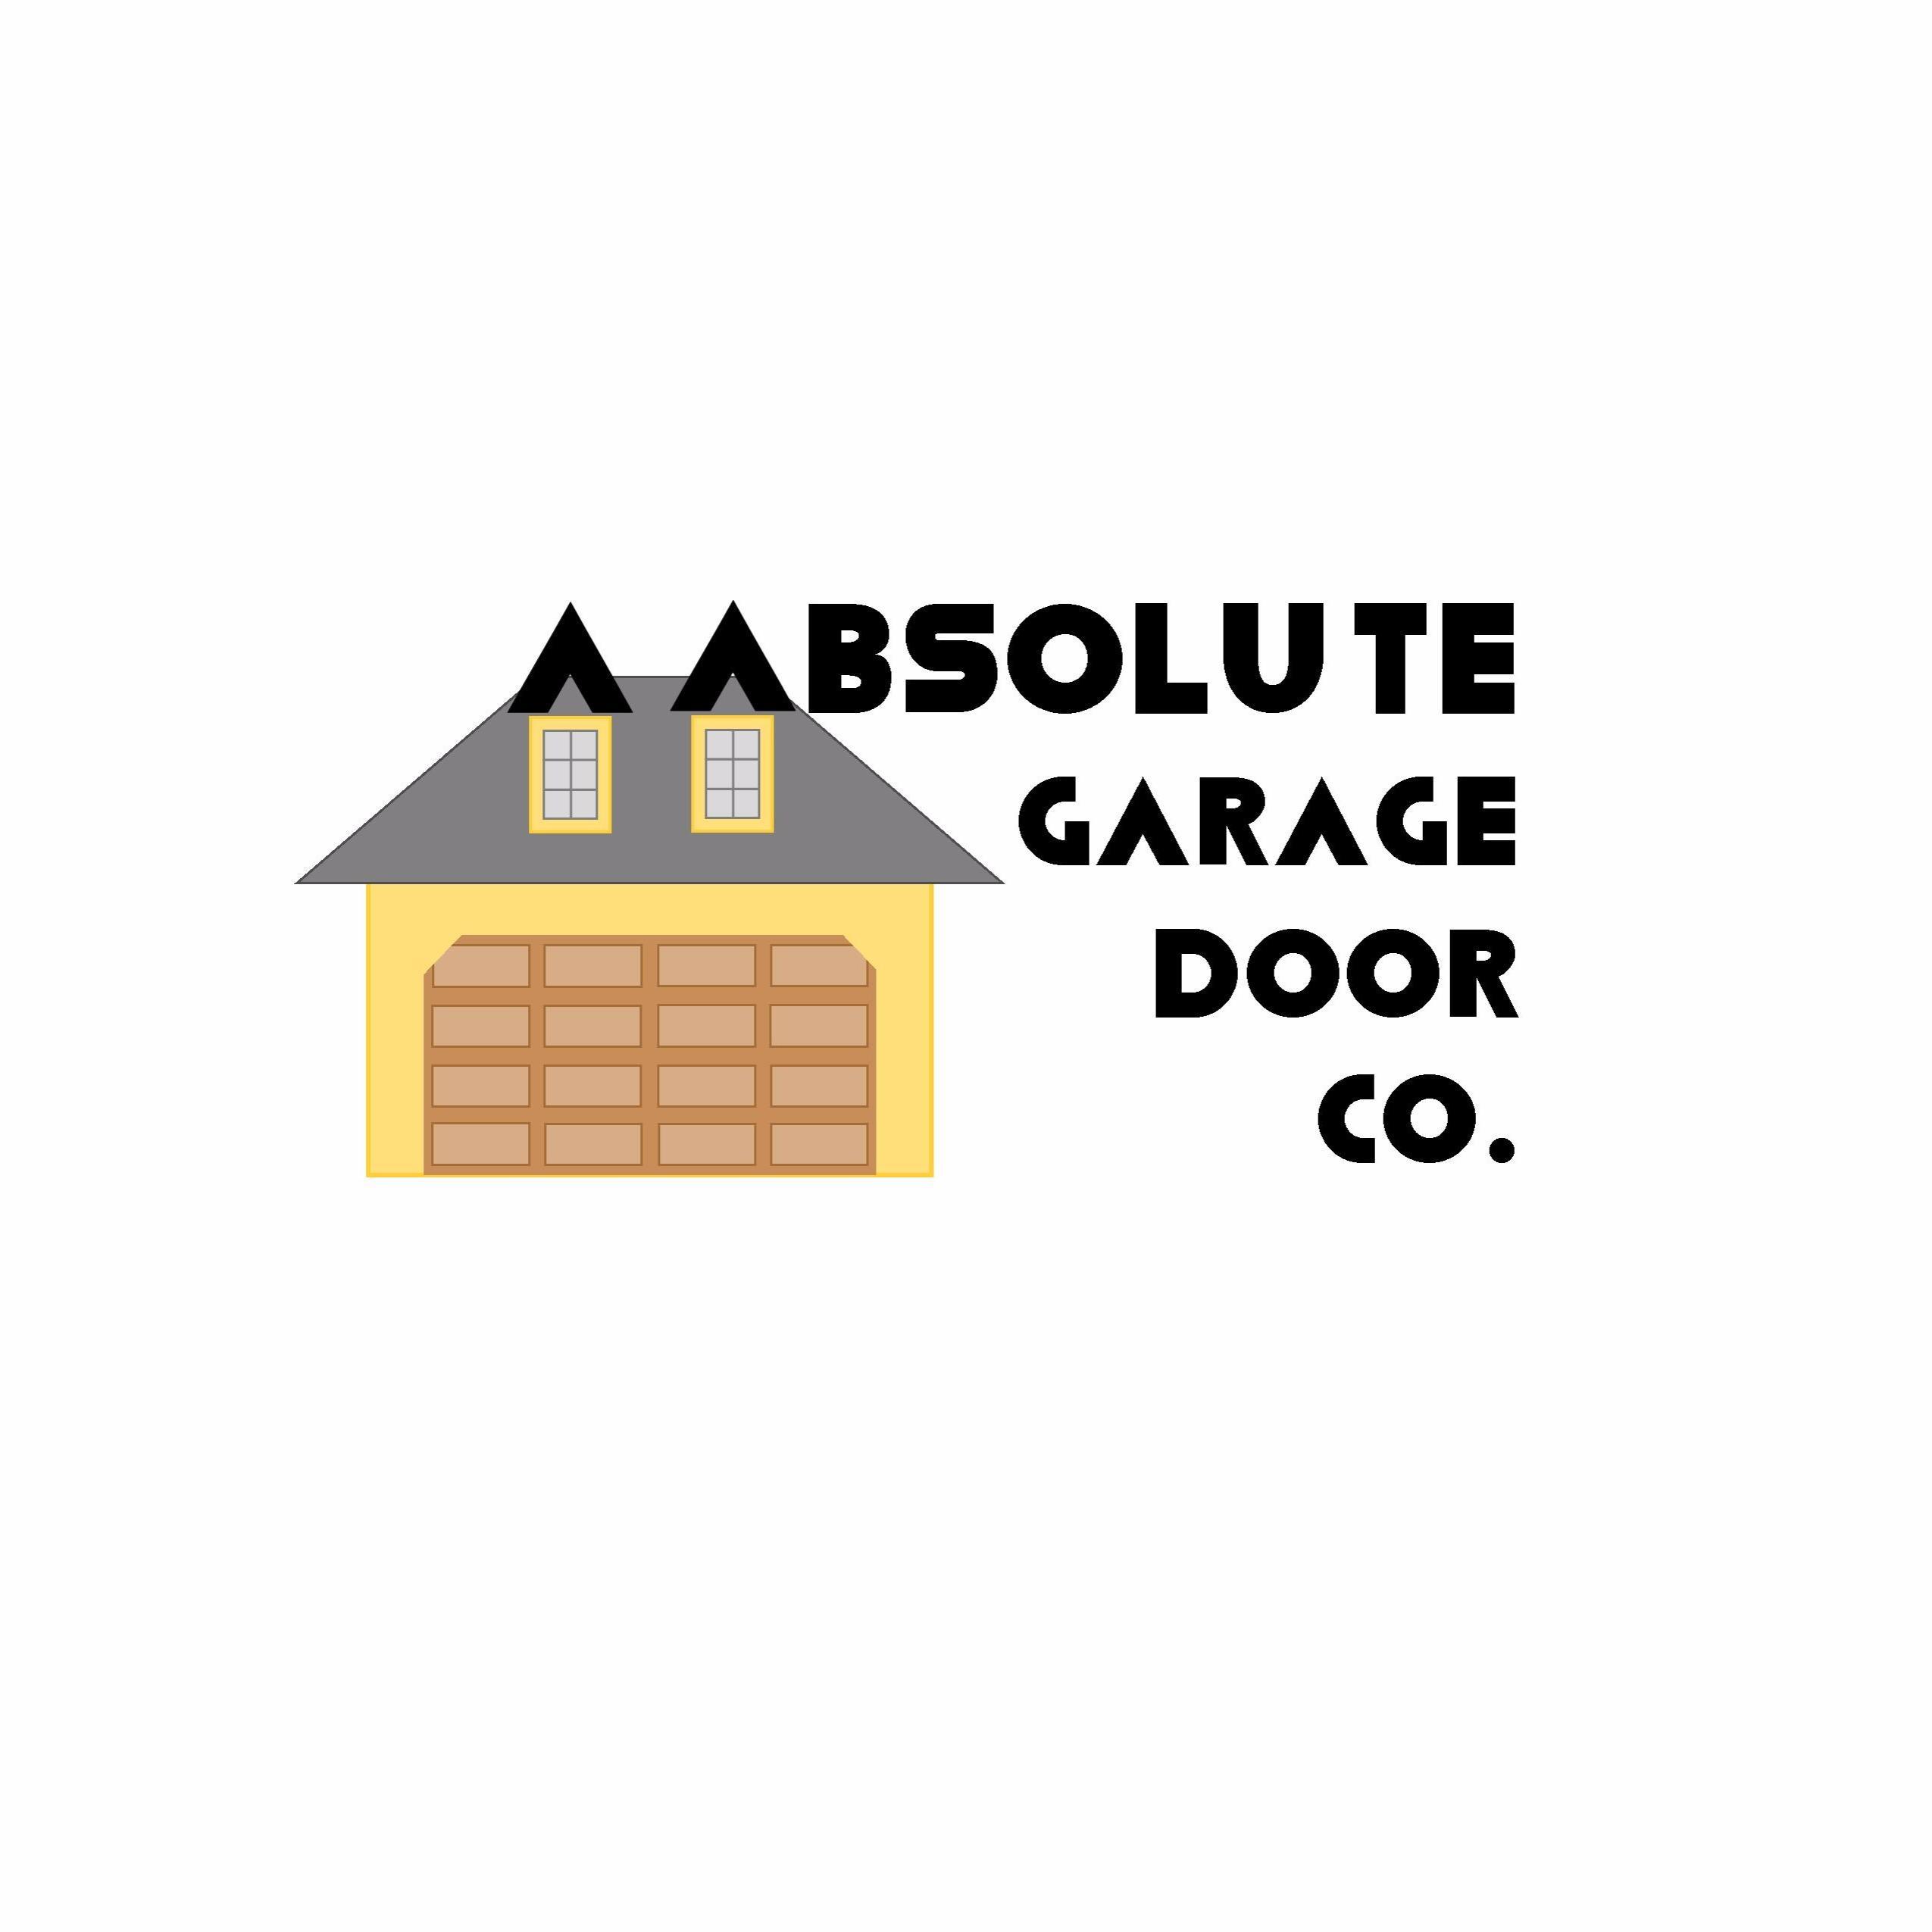 A Absolute Garage Door Co